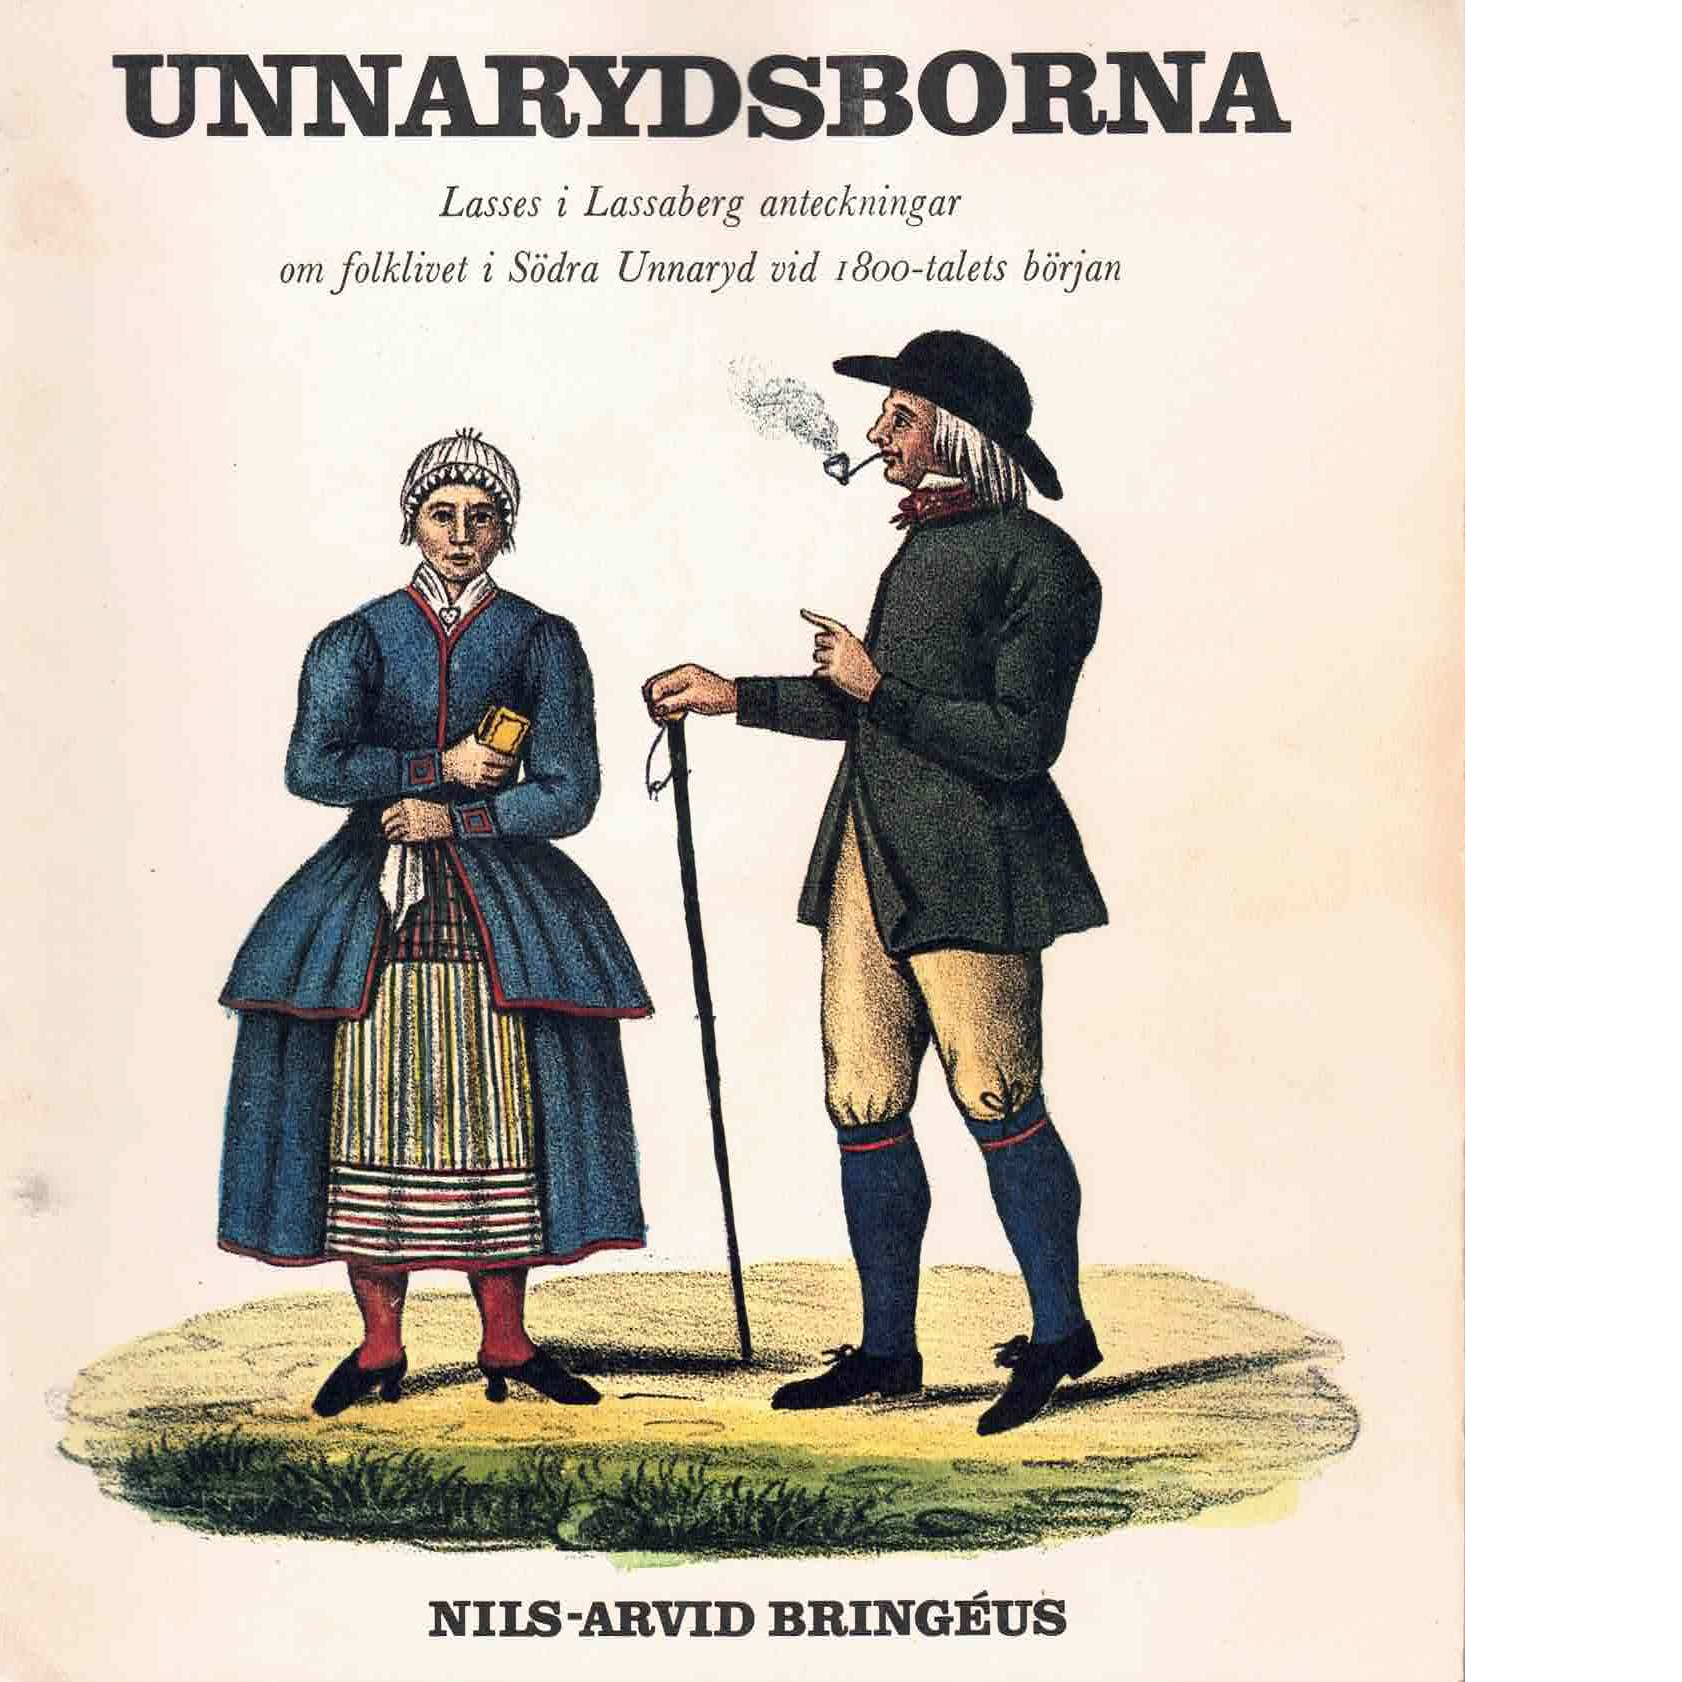 Unnarydsborna : Lasses i Lassaberg anteckningar om folklivet i Södra Unnaryd vid 1800-talets början - Bringéus, Nils-arvid